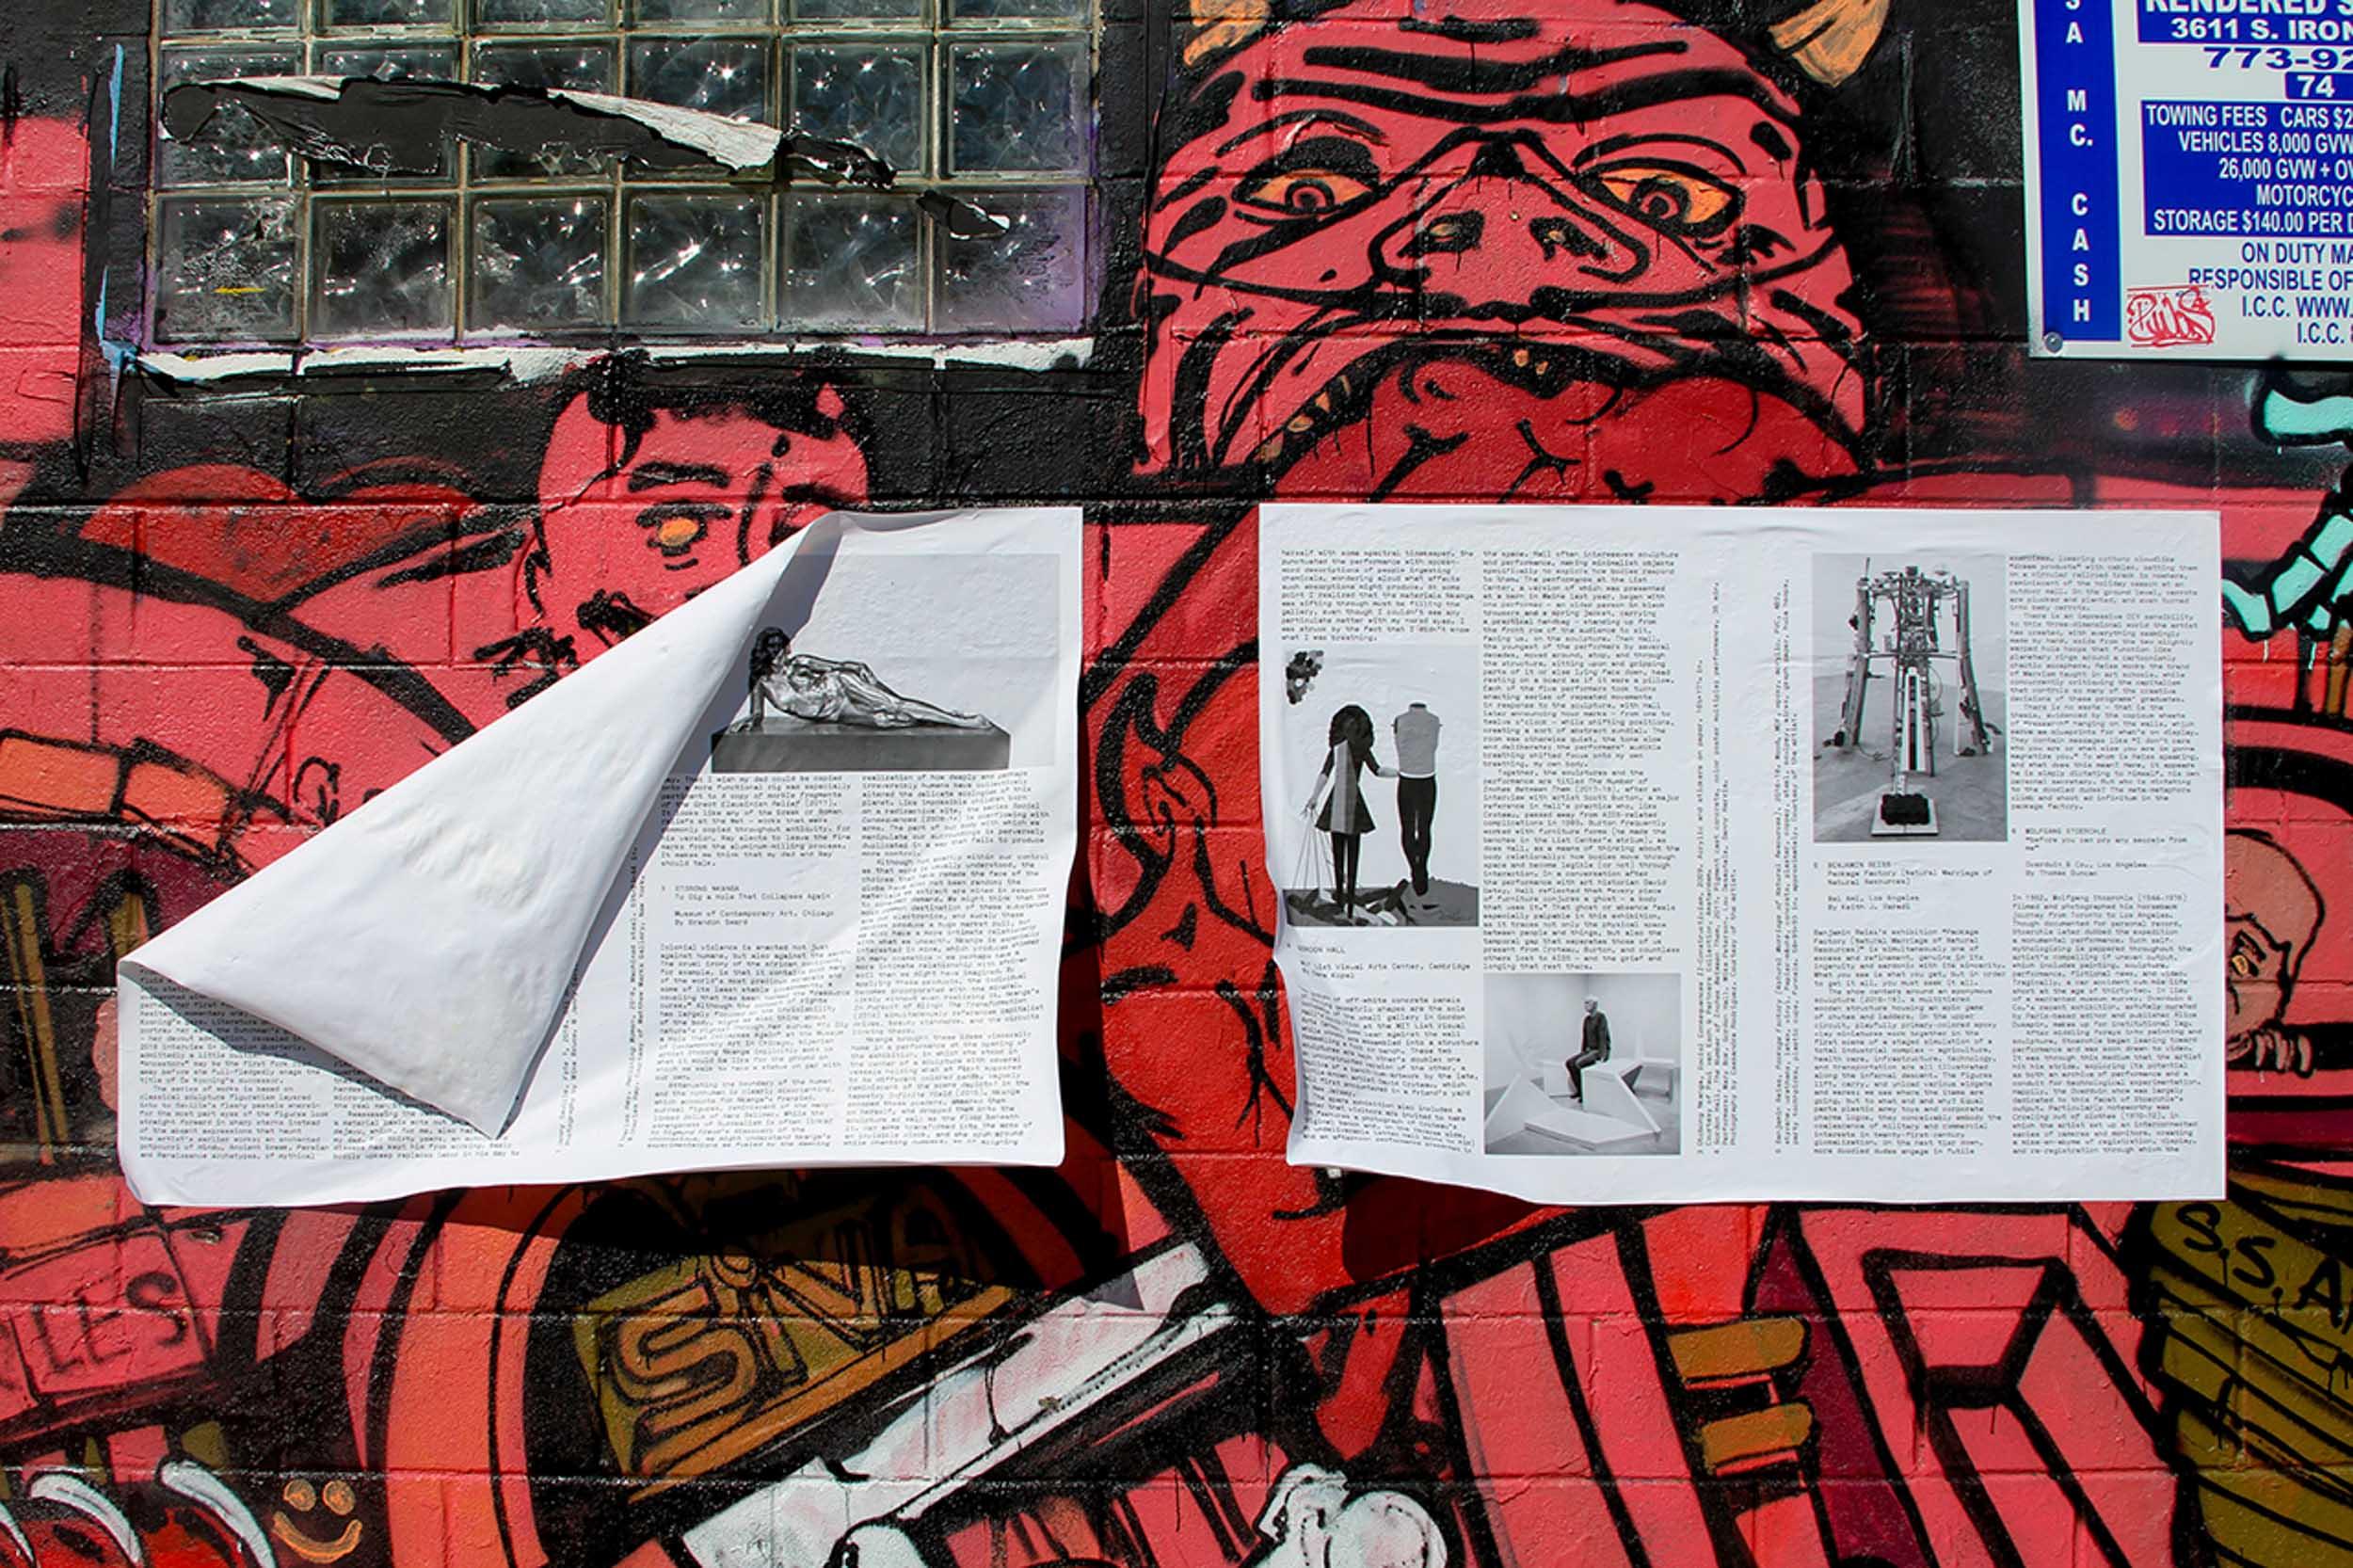 wassaic-project-artist-brandon-sward-art-is-a-discourse-2019-03-16-22-21-43.jpg